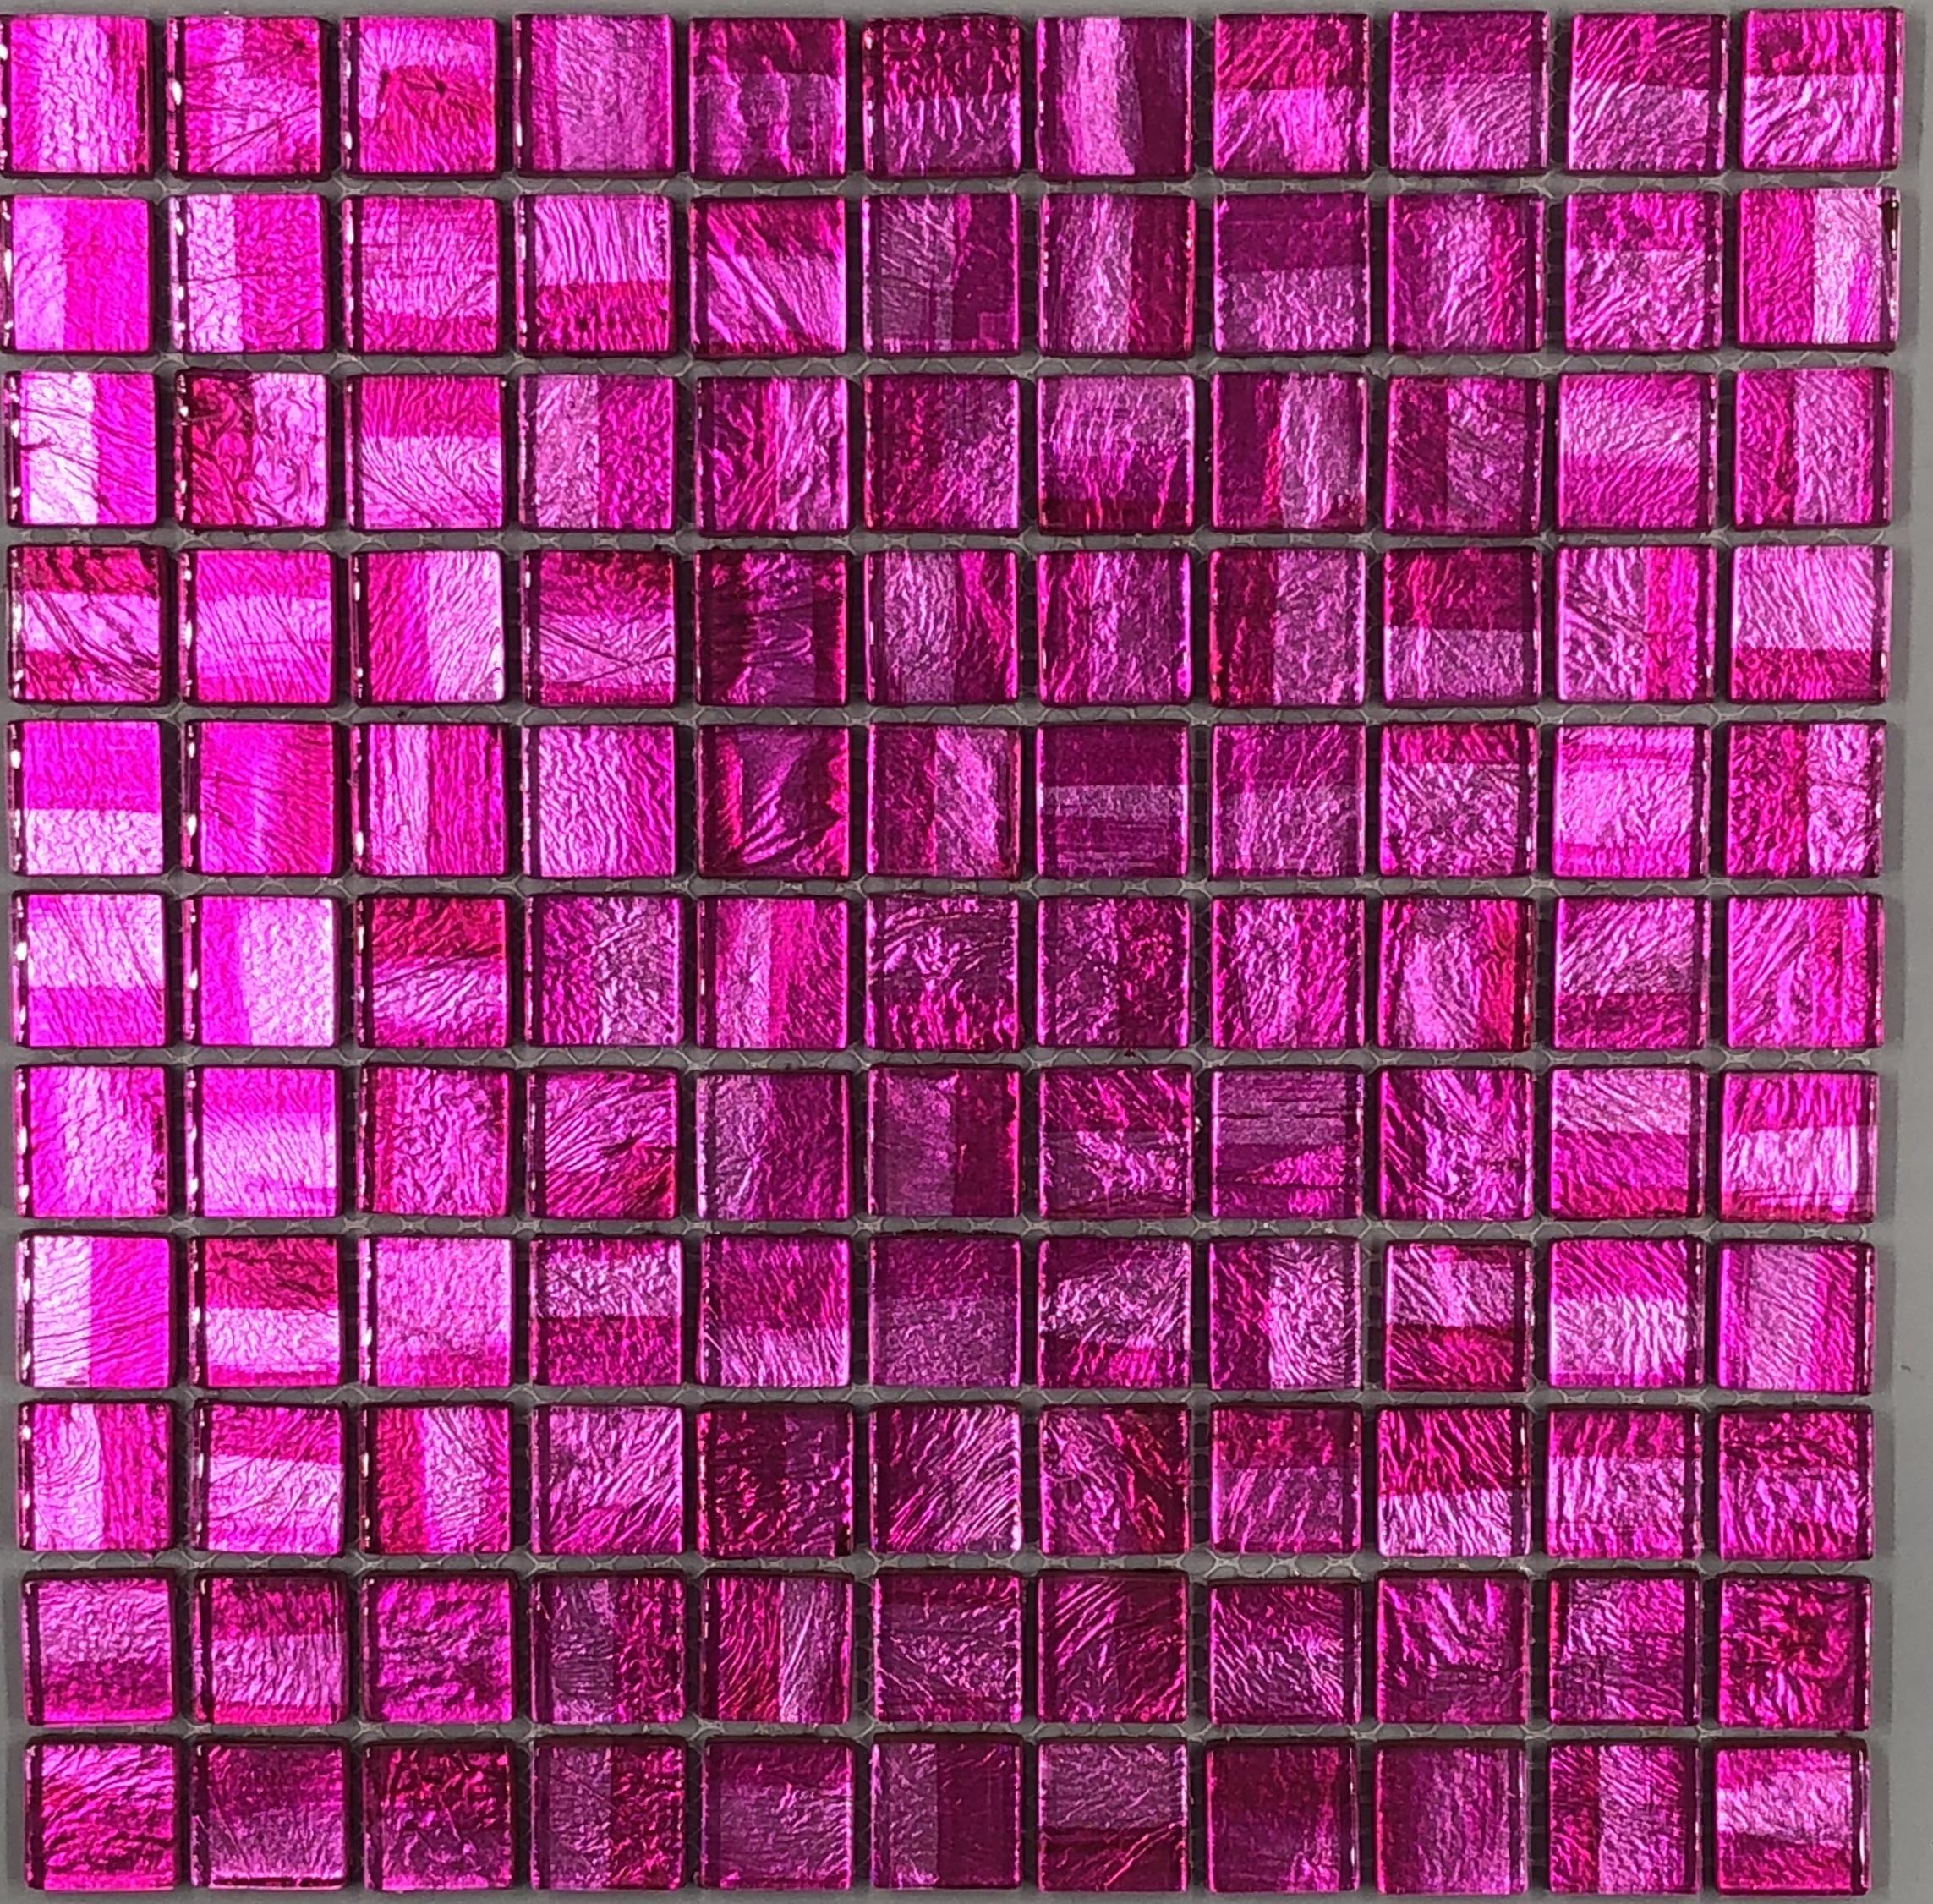 金线手绘马赛克 JY004、马赛克、玻璃马赛克、佛山马赛克厂、广东马赛克厂家